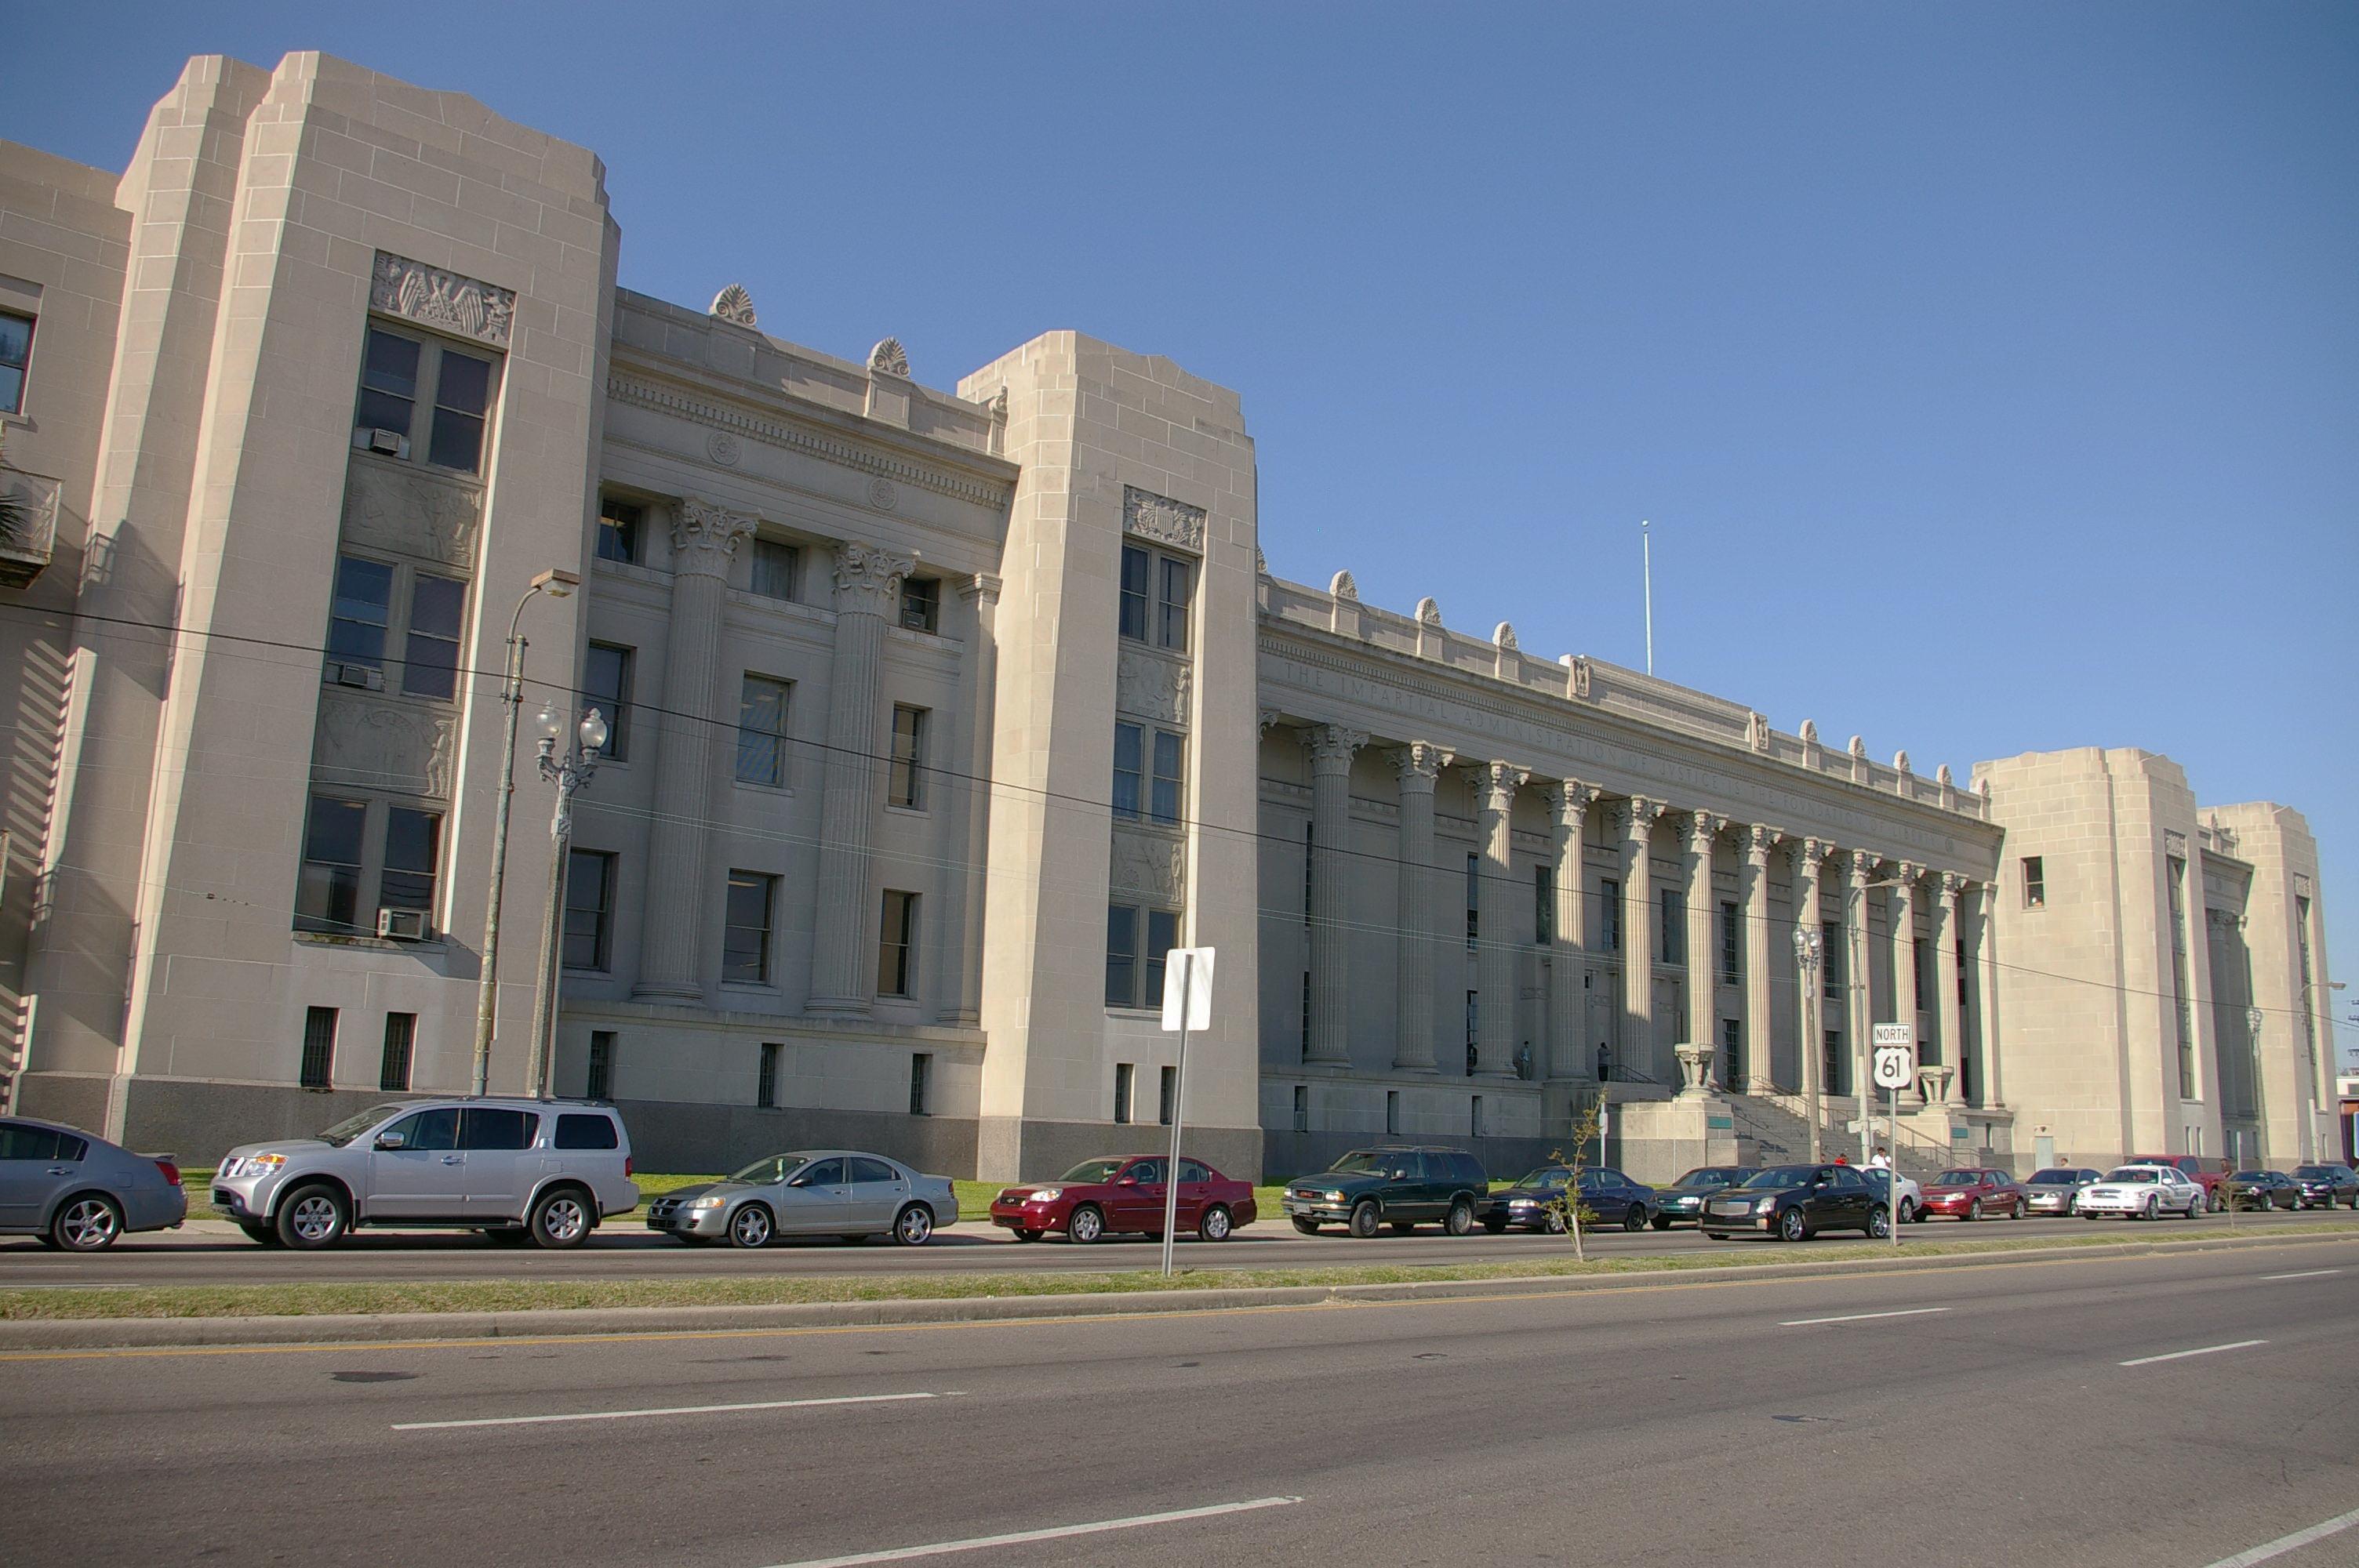 Orleans Parish Us Courthouses